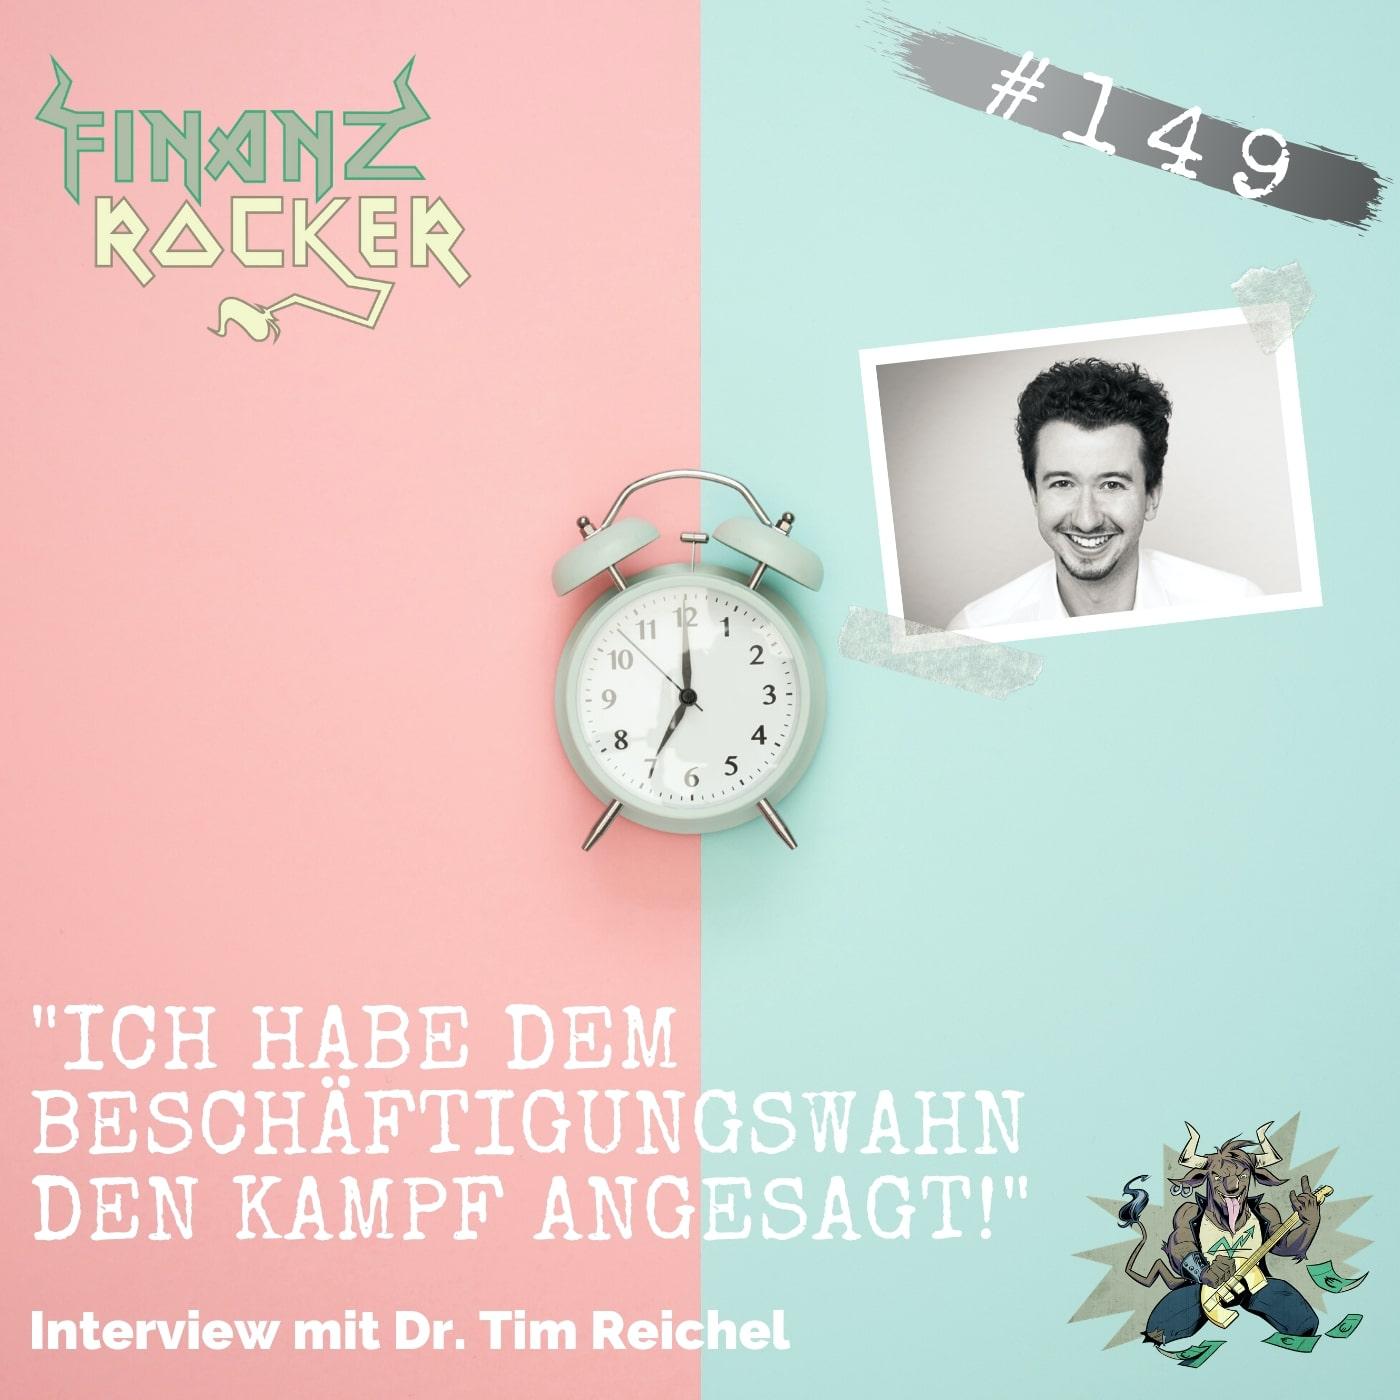 """Folge 149: """"Ich habe dem Beschäftigungswahn den Kampf angesagt!"""" - Mixtape mit Dr. Tim Reichel von Studienscheiss"""